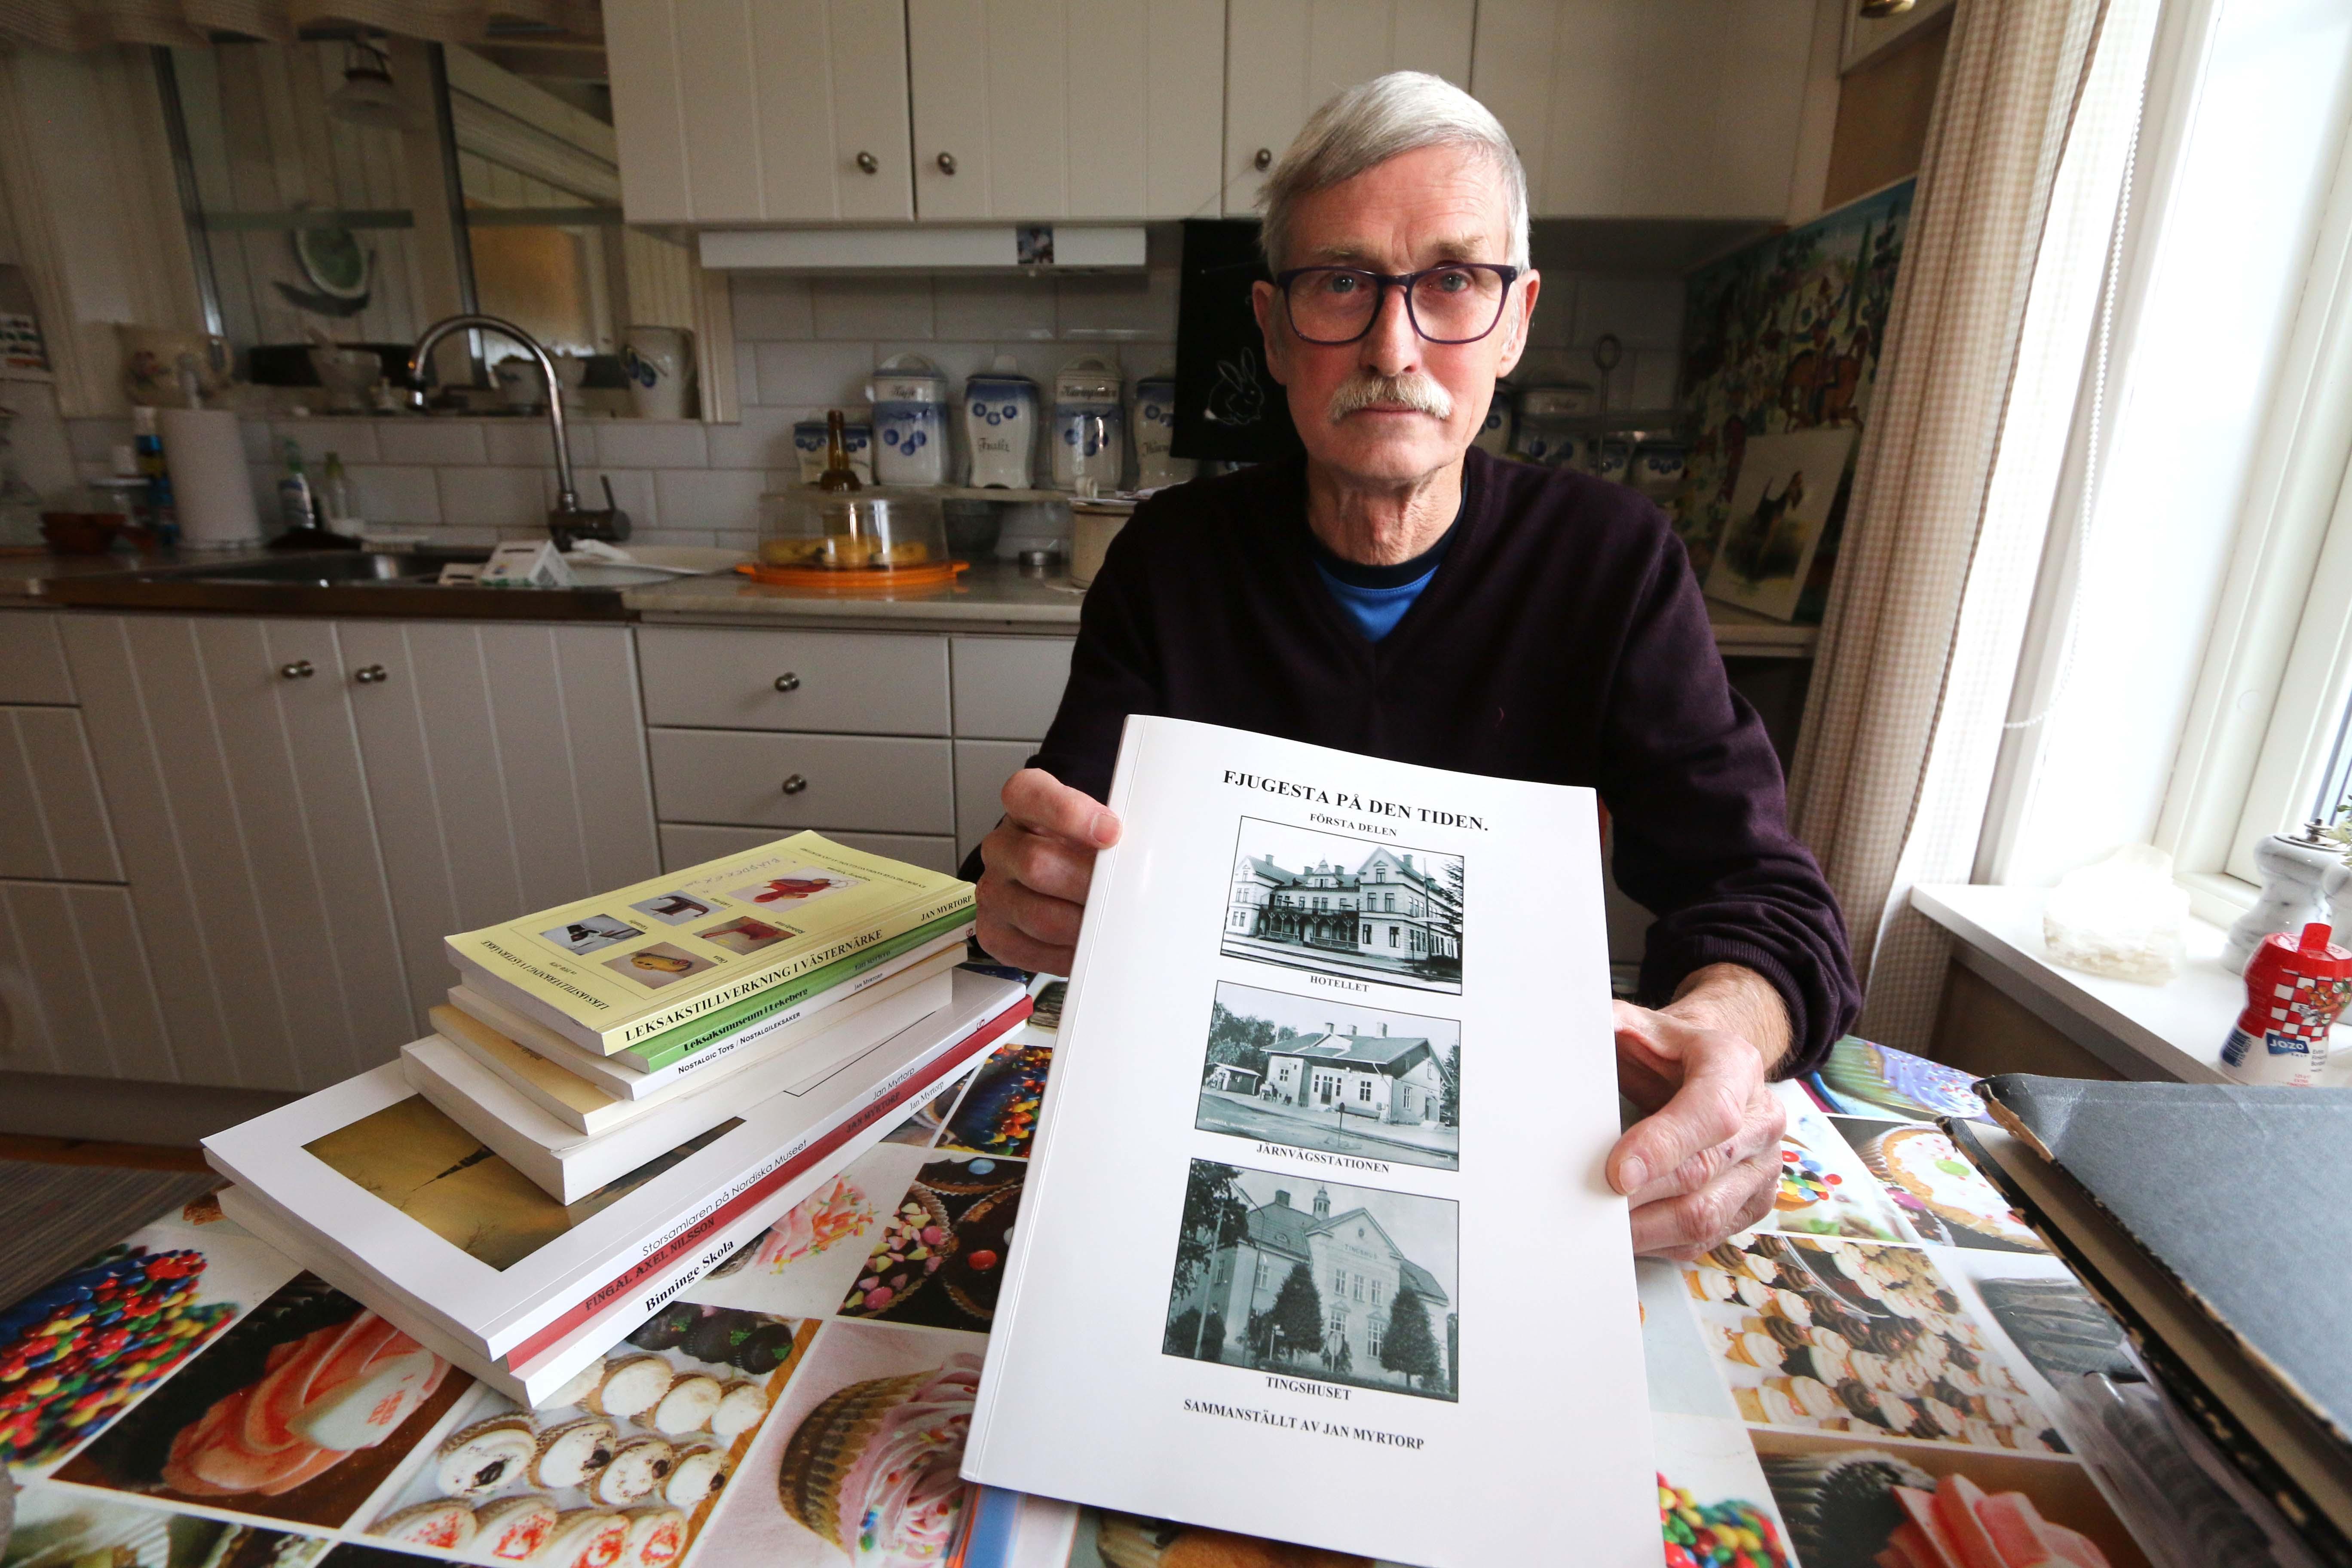 Jan Myrtorp har skrivit ett antal böcker om samlarleksaker och leksakstillverkning men även om Binninge skola och Axel Fingal Nilsson. Senaste boken heter